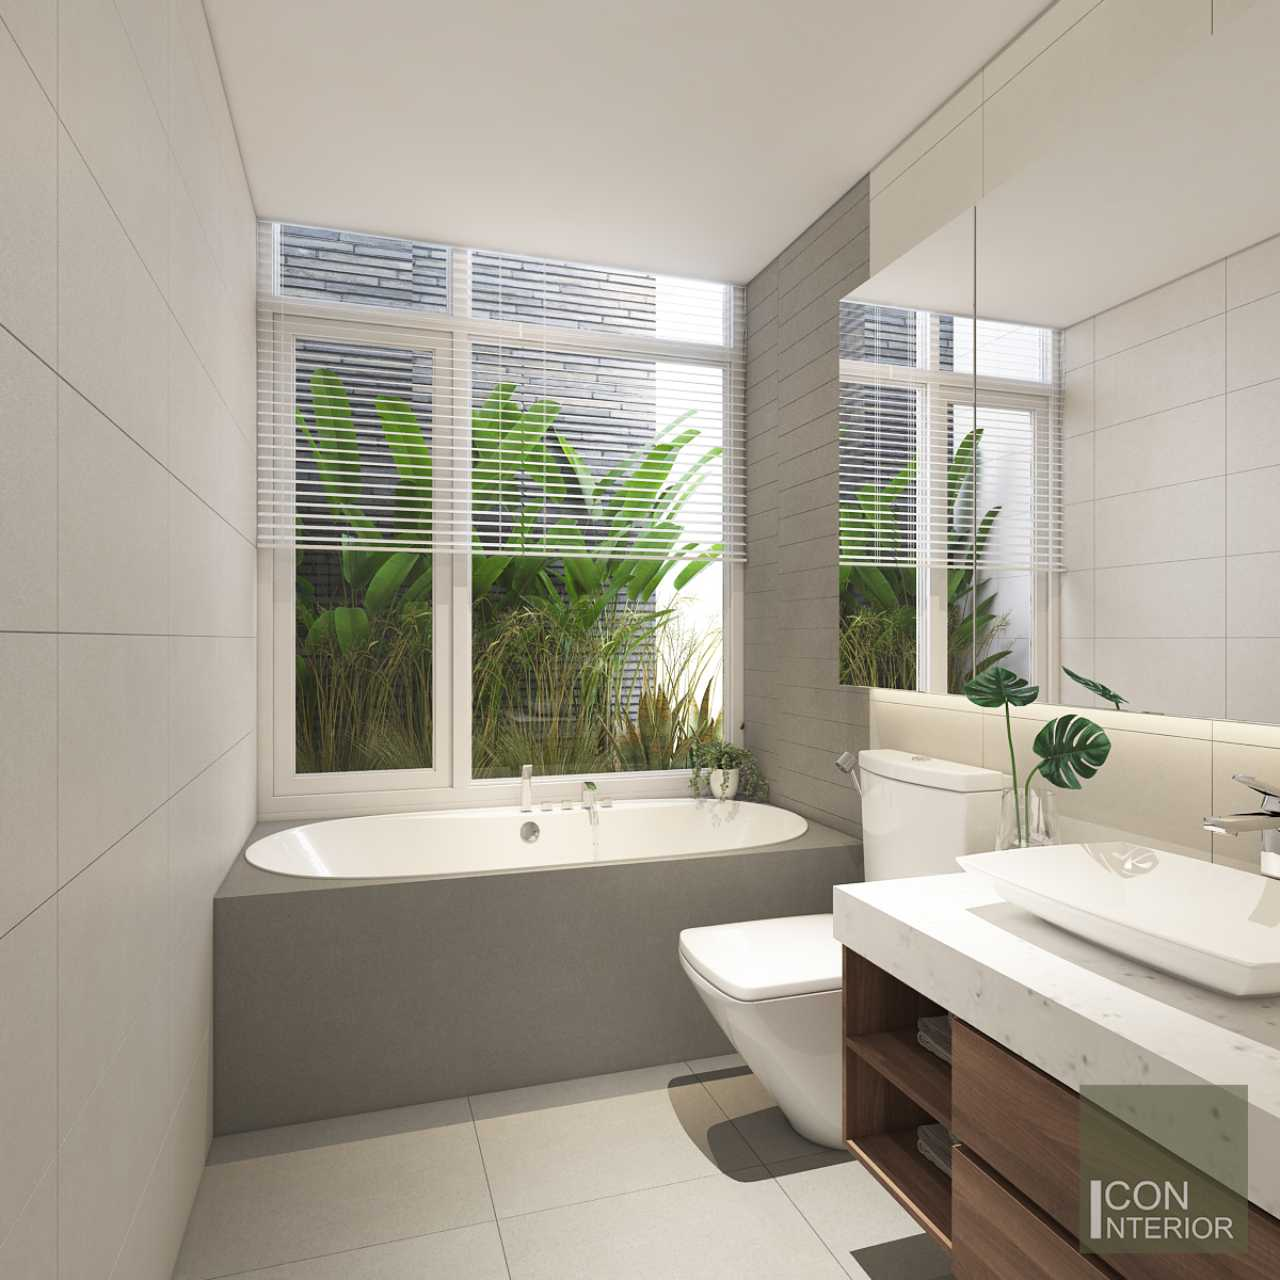 trang trí phòng tắm hiện đại